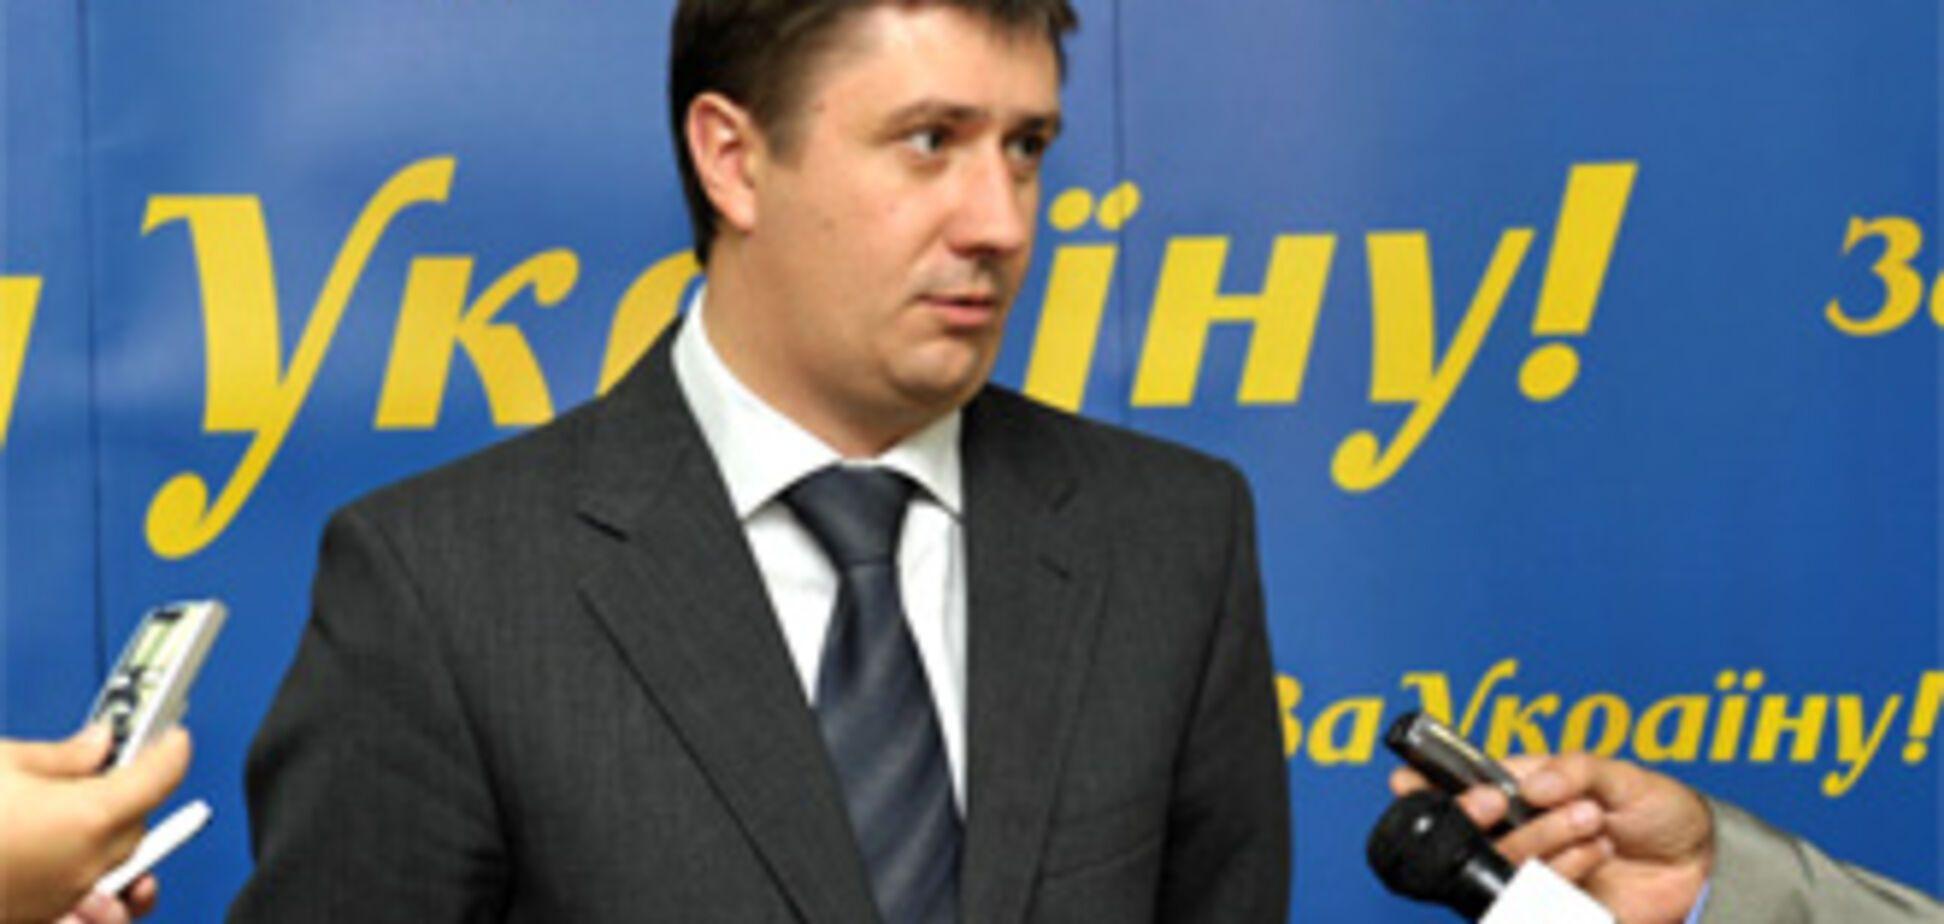 Кириленко сомневается, что Кабмин освоит 'гриппозные' деньги